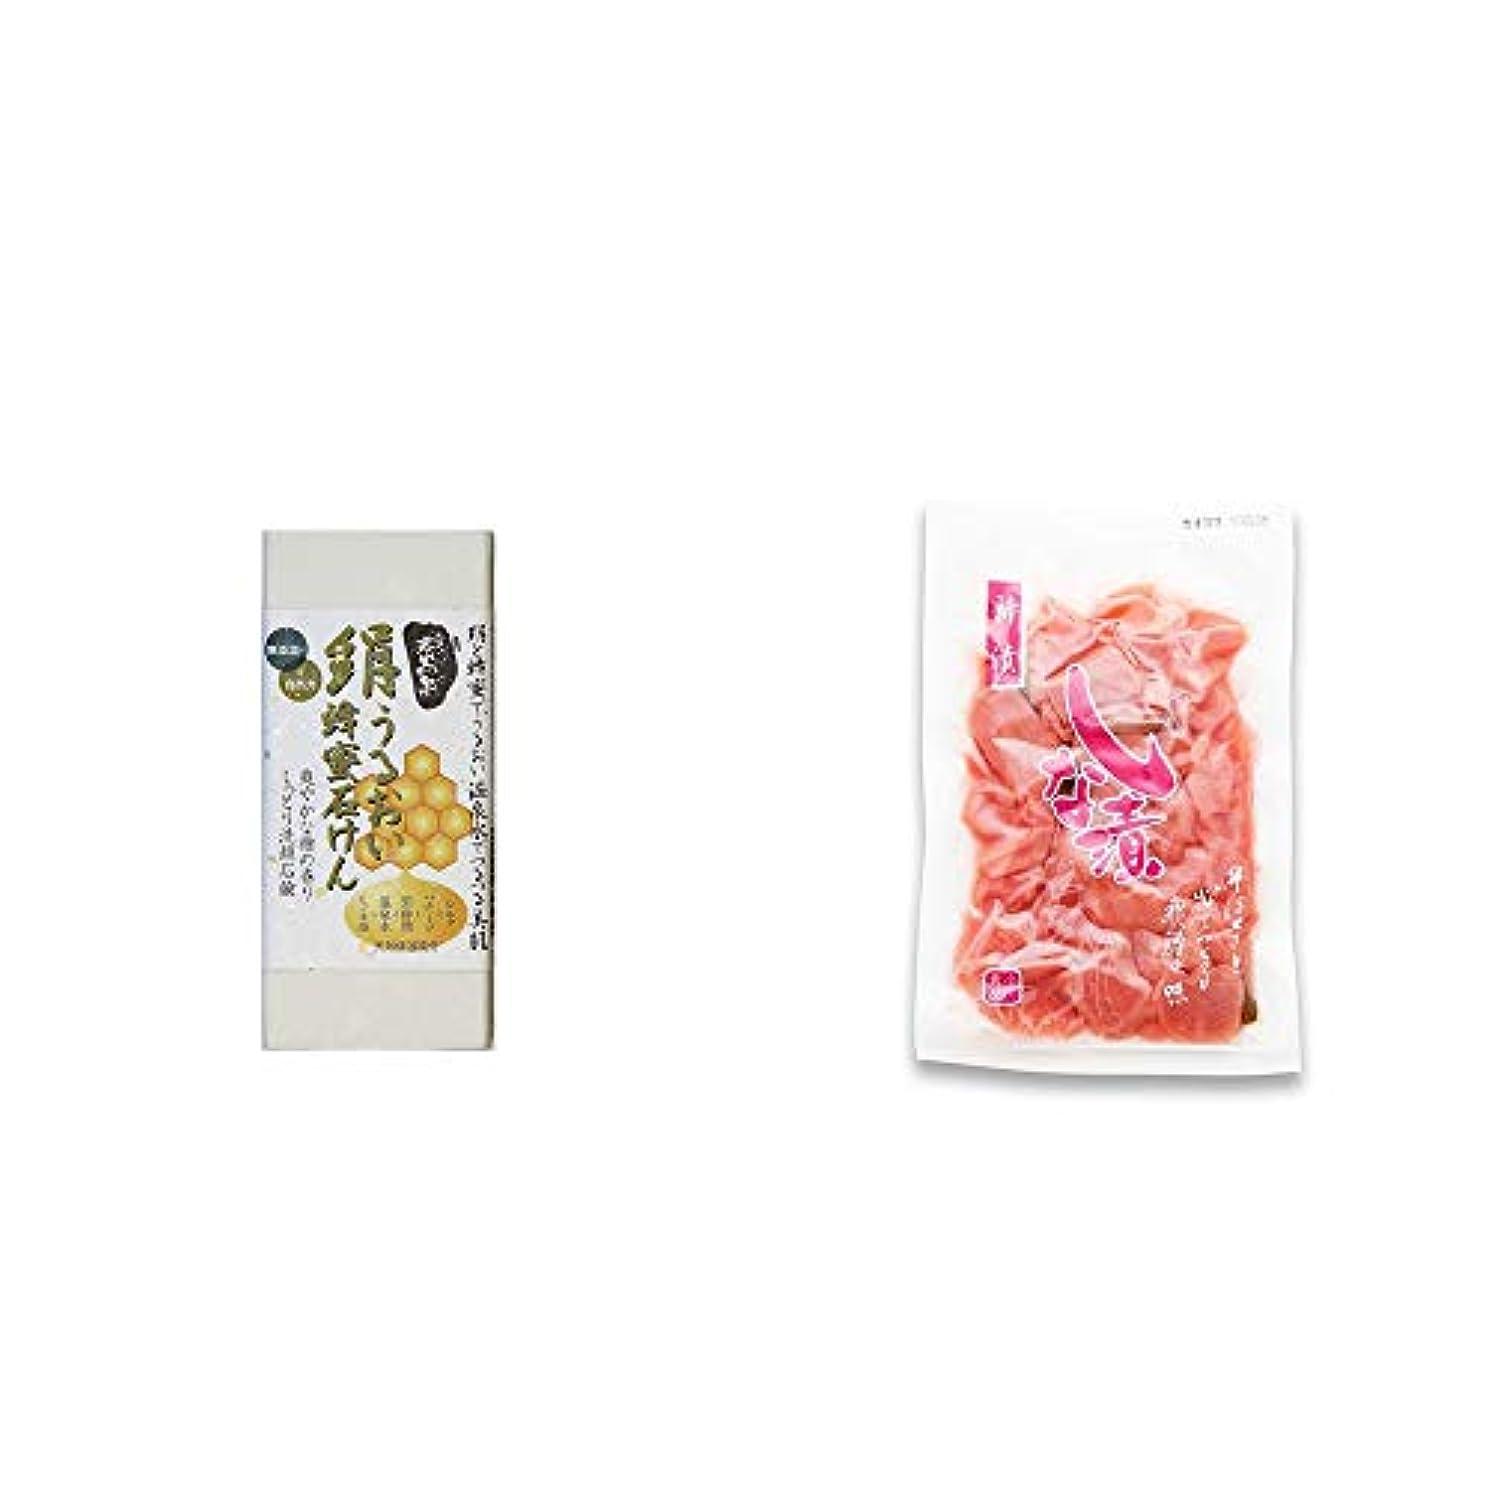 拮抗するショート衣装[2点セット] ひのき炭黒泉 絹うるおい蜂蜜石けん(75g×2)?しな漬け(160g)